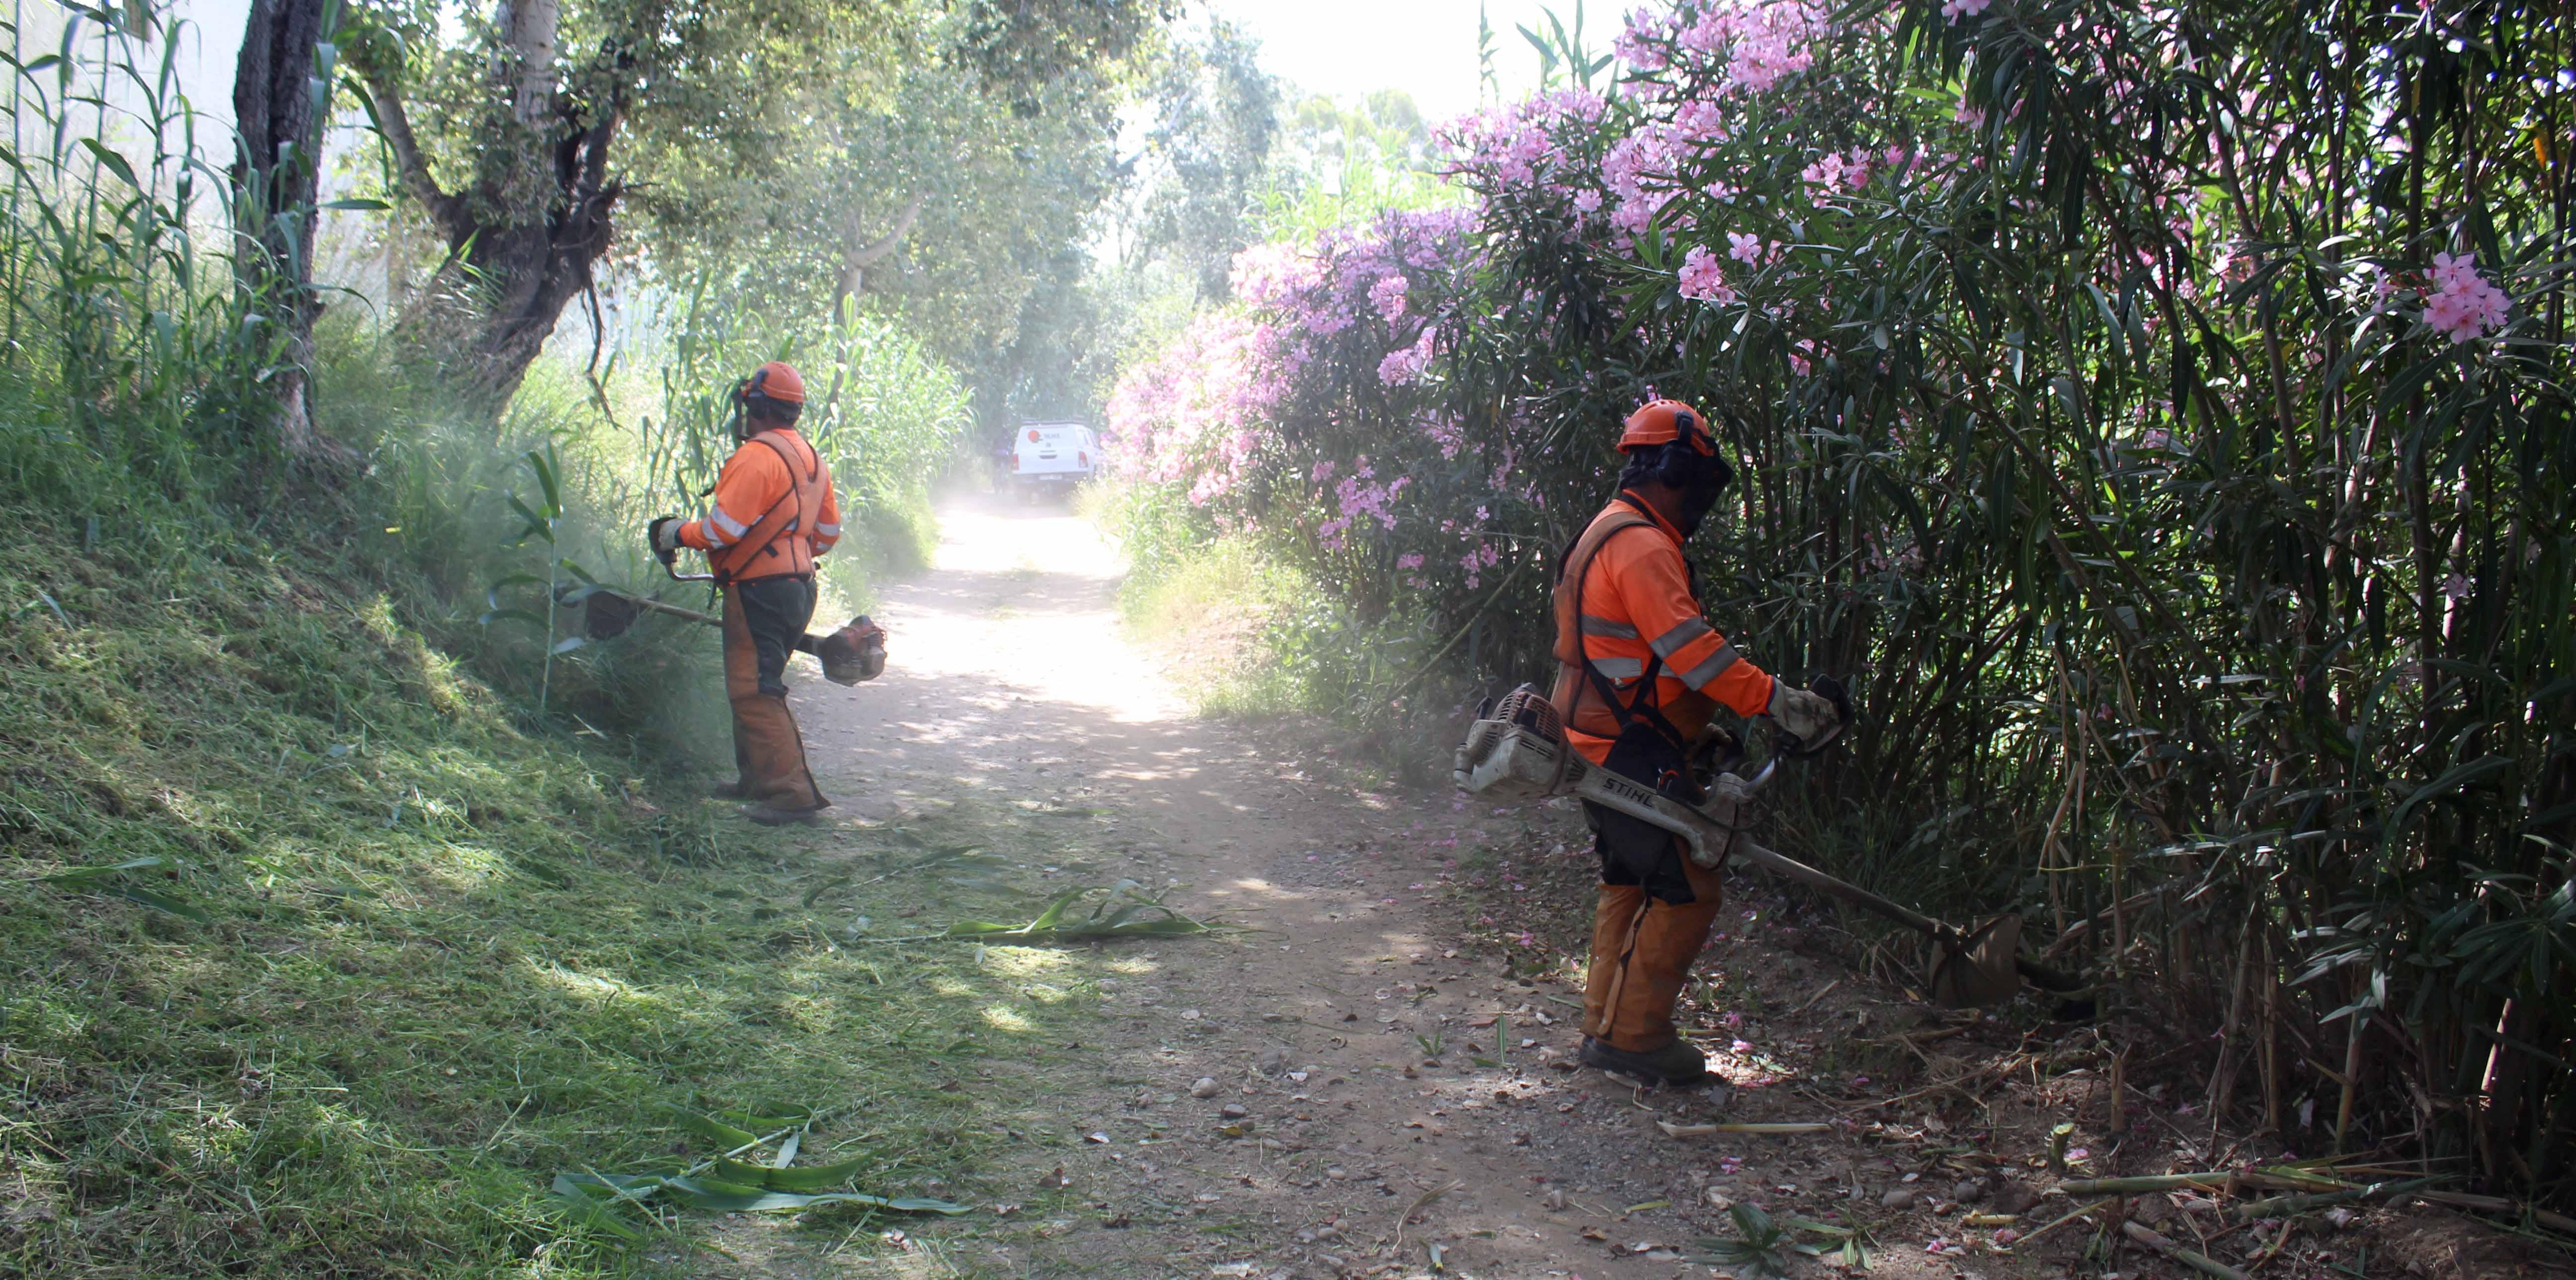 Parques y Jardines intensifica las tareas de desbroce de caminos para prevenir incendios